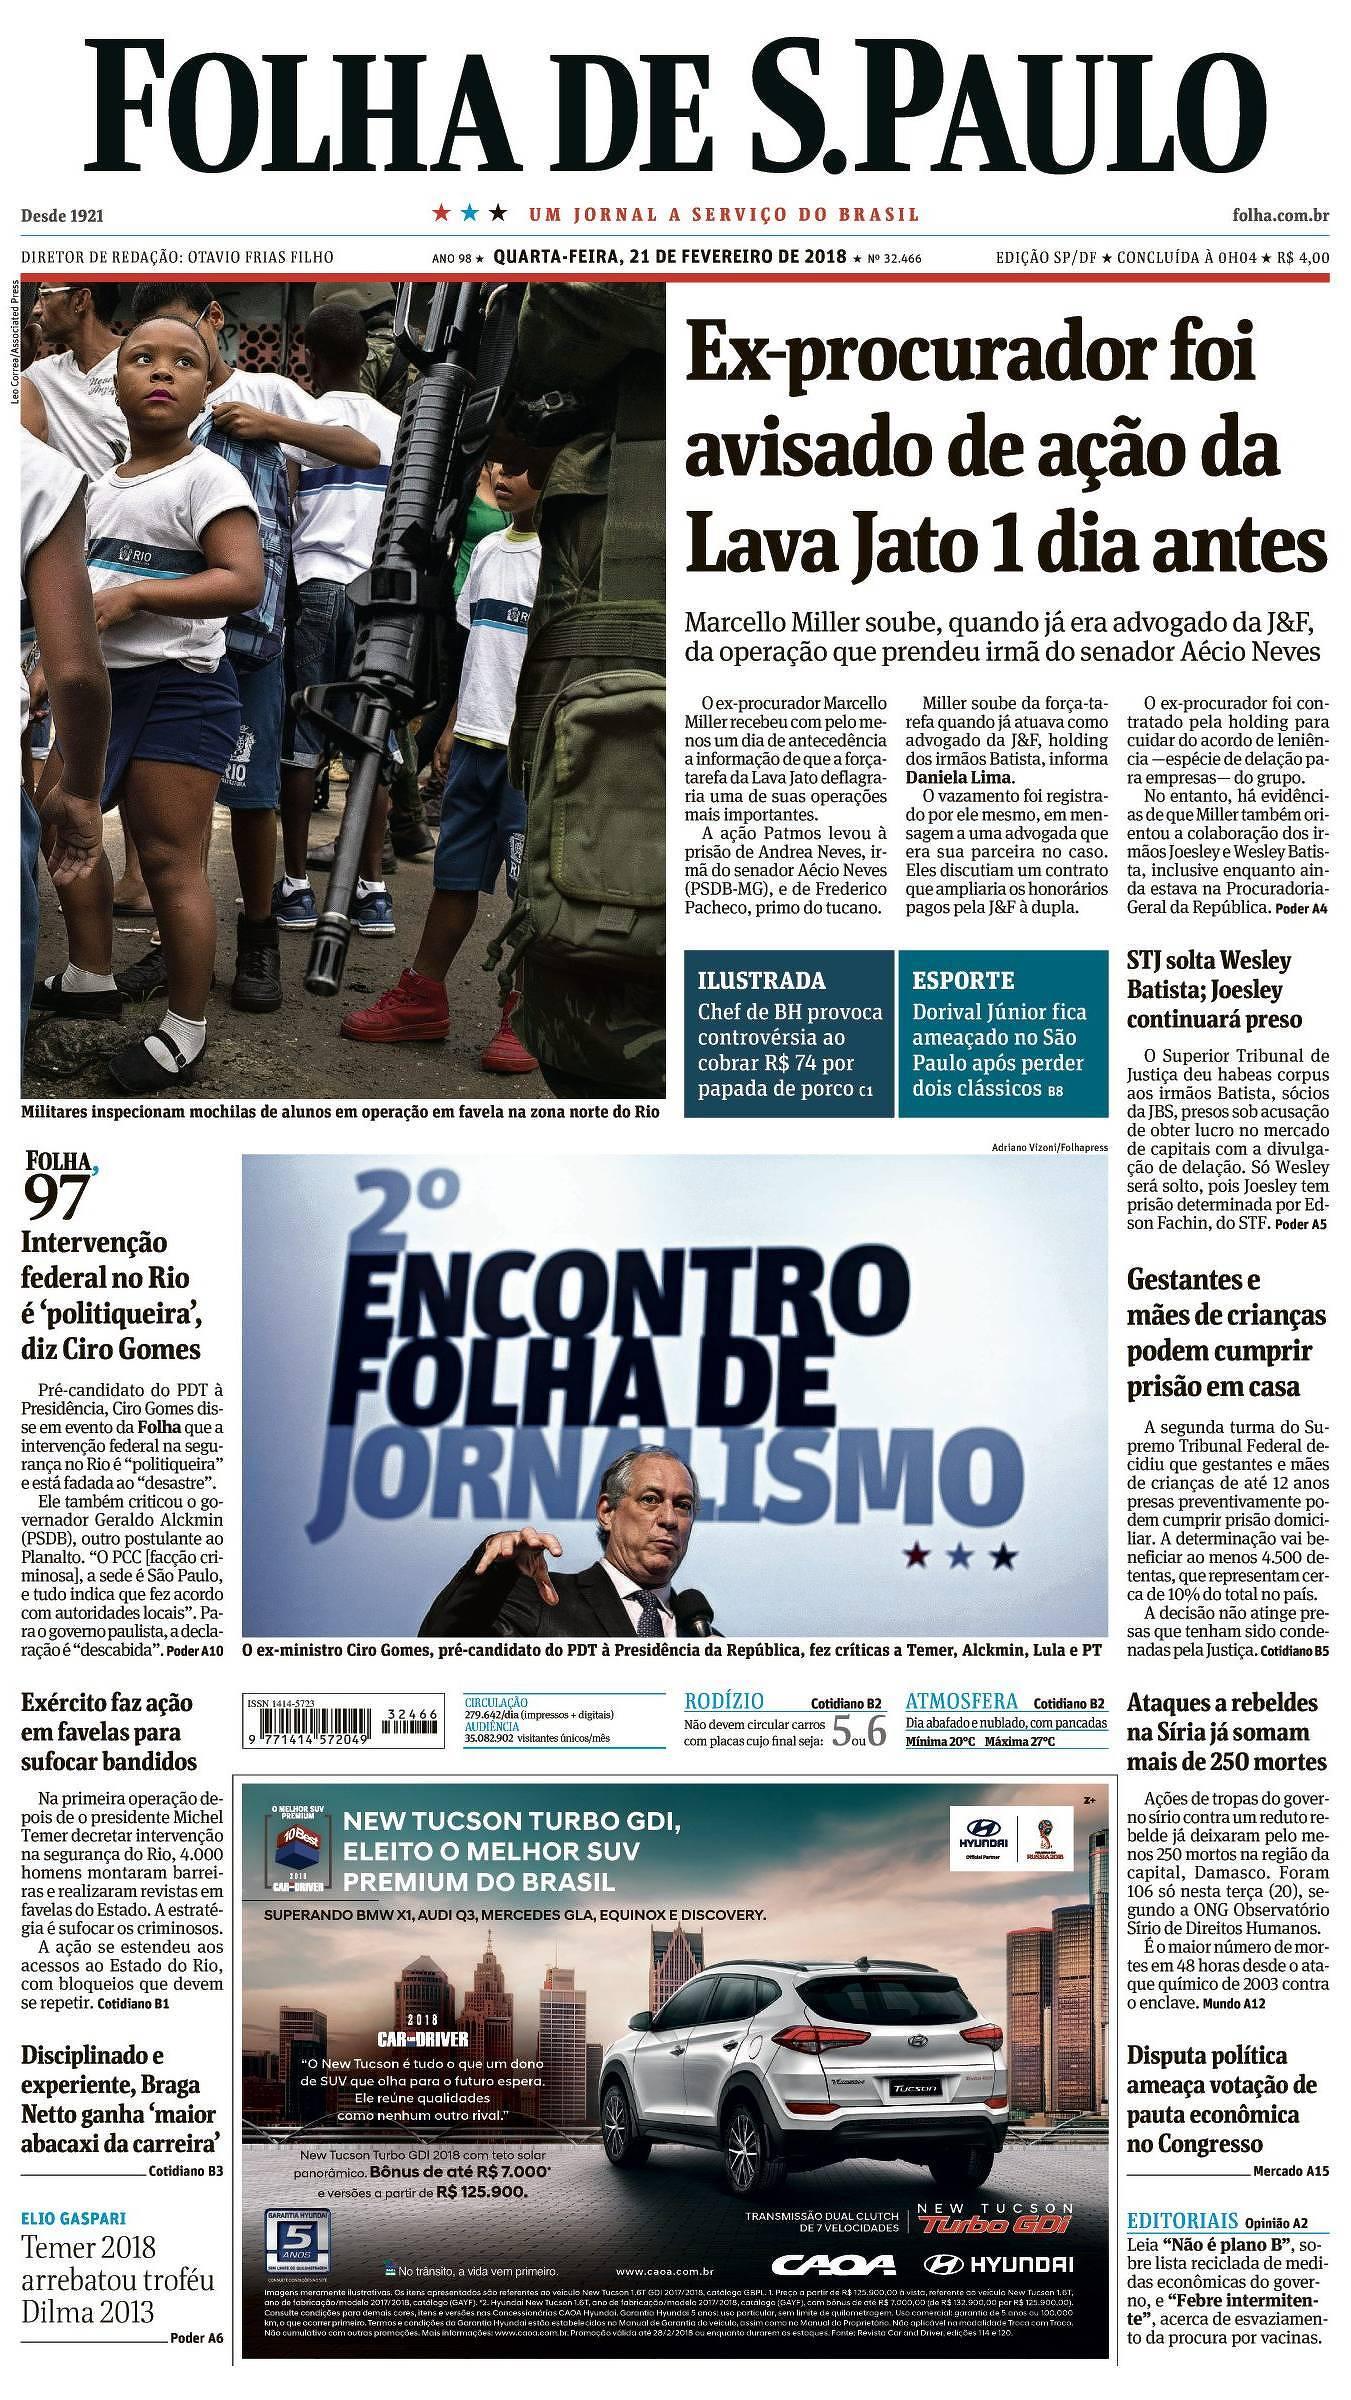 a811aeed07 Folha de S.Paulo: Notícias, Imagens, Vídeos e Entrevistas